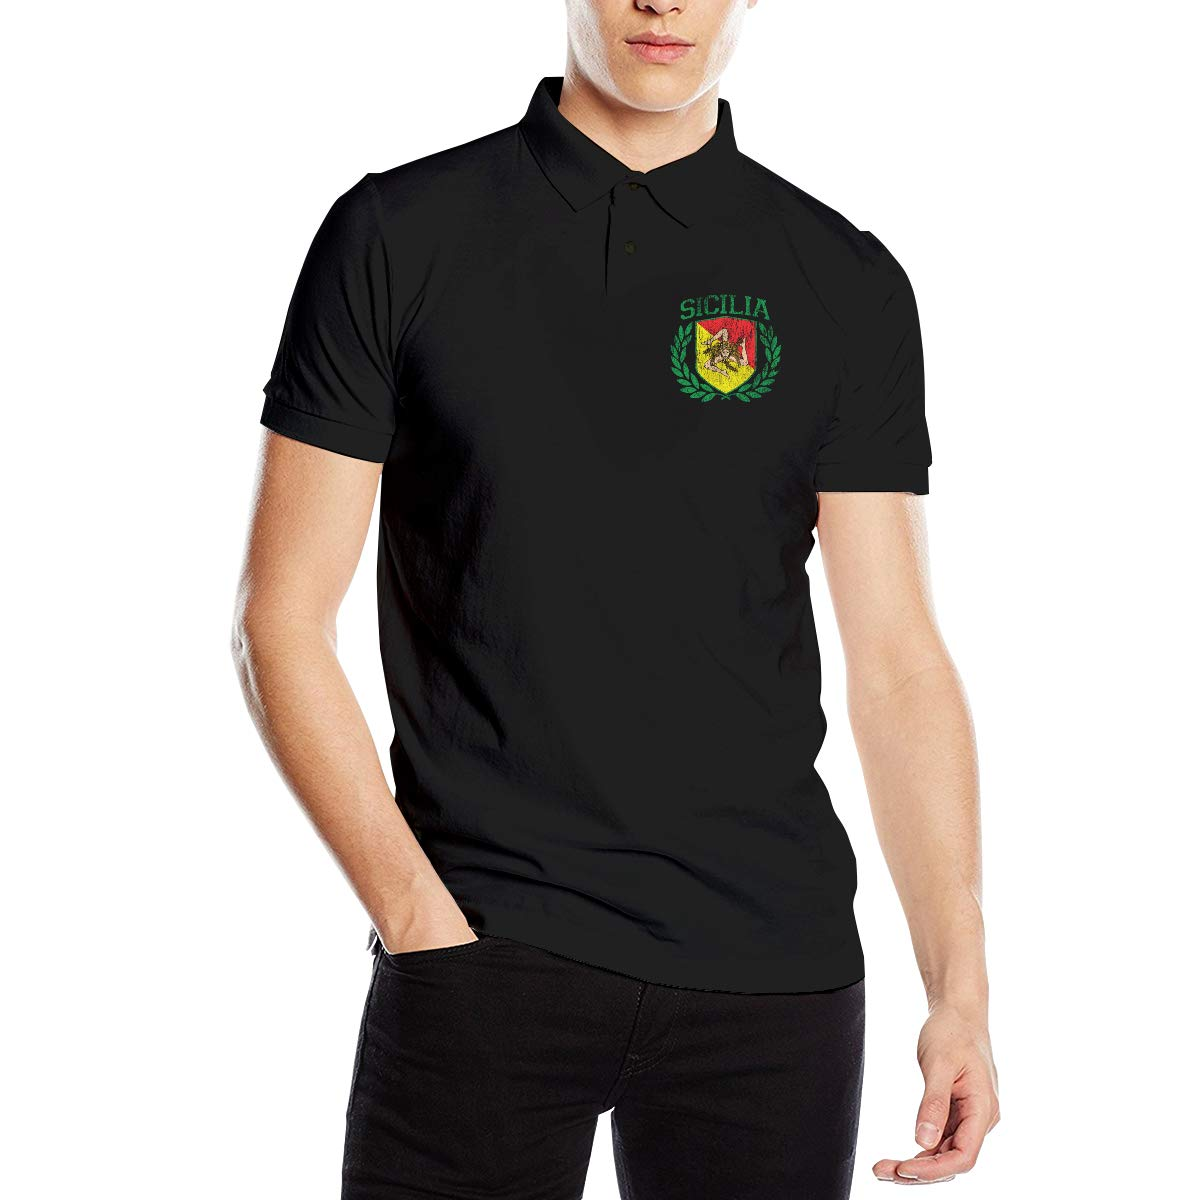 Sverige Sweden Swedish Flag Mens Short-Sleeve Polo T-Shirt Tee for Sport Blouse Tops